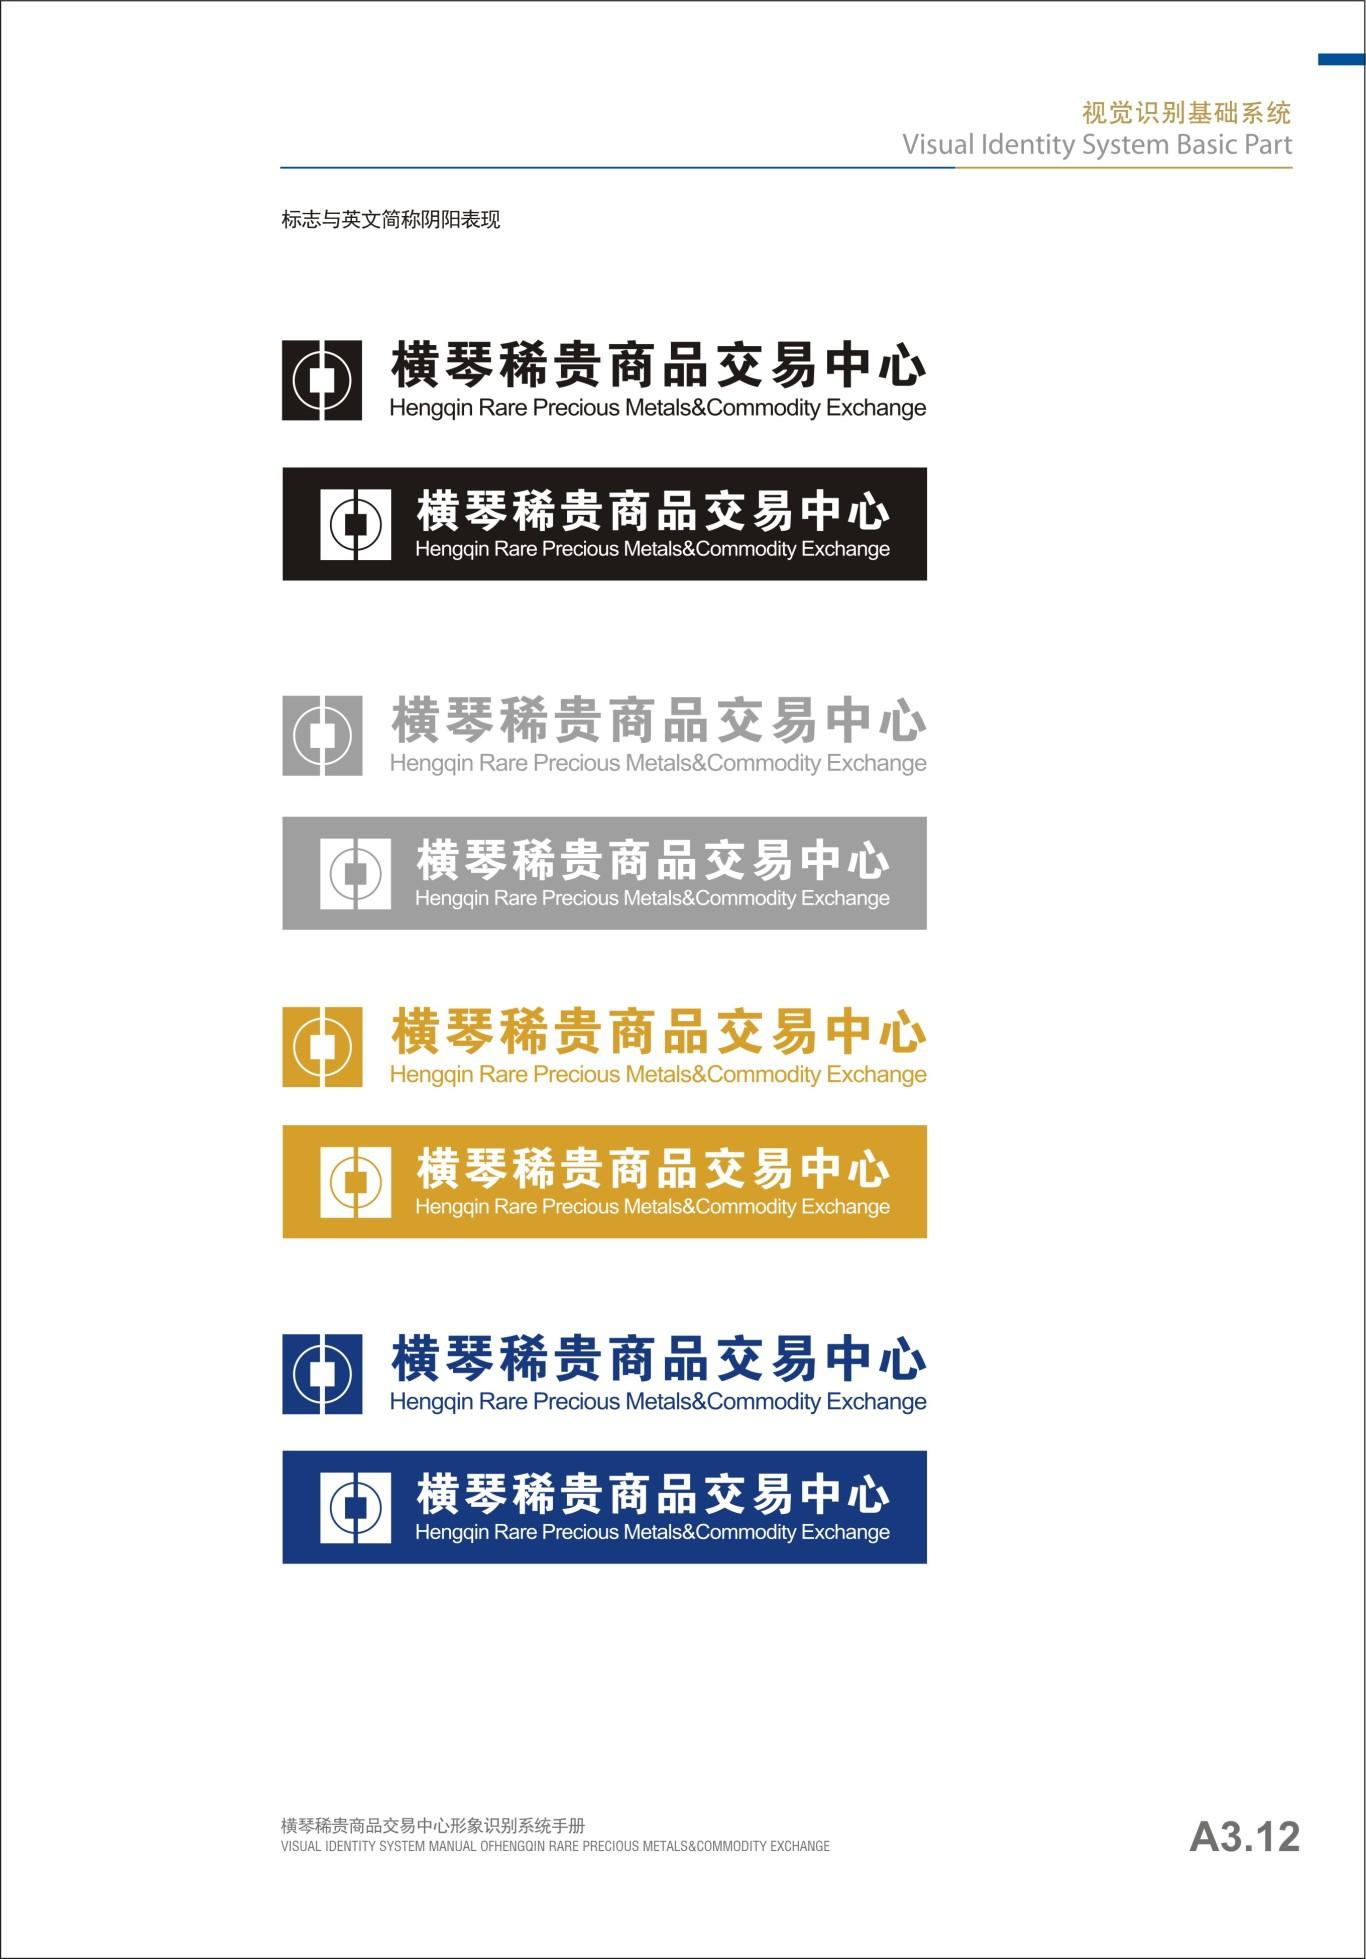 贵金属行业横琴稀贵VI手册设计图13